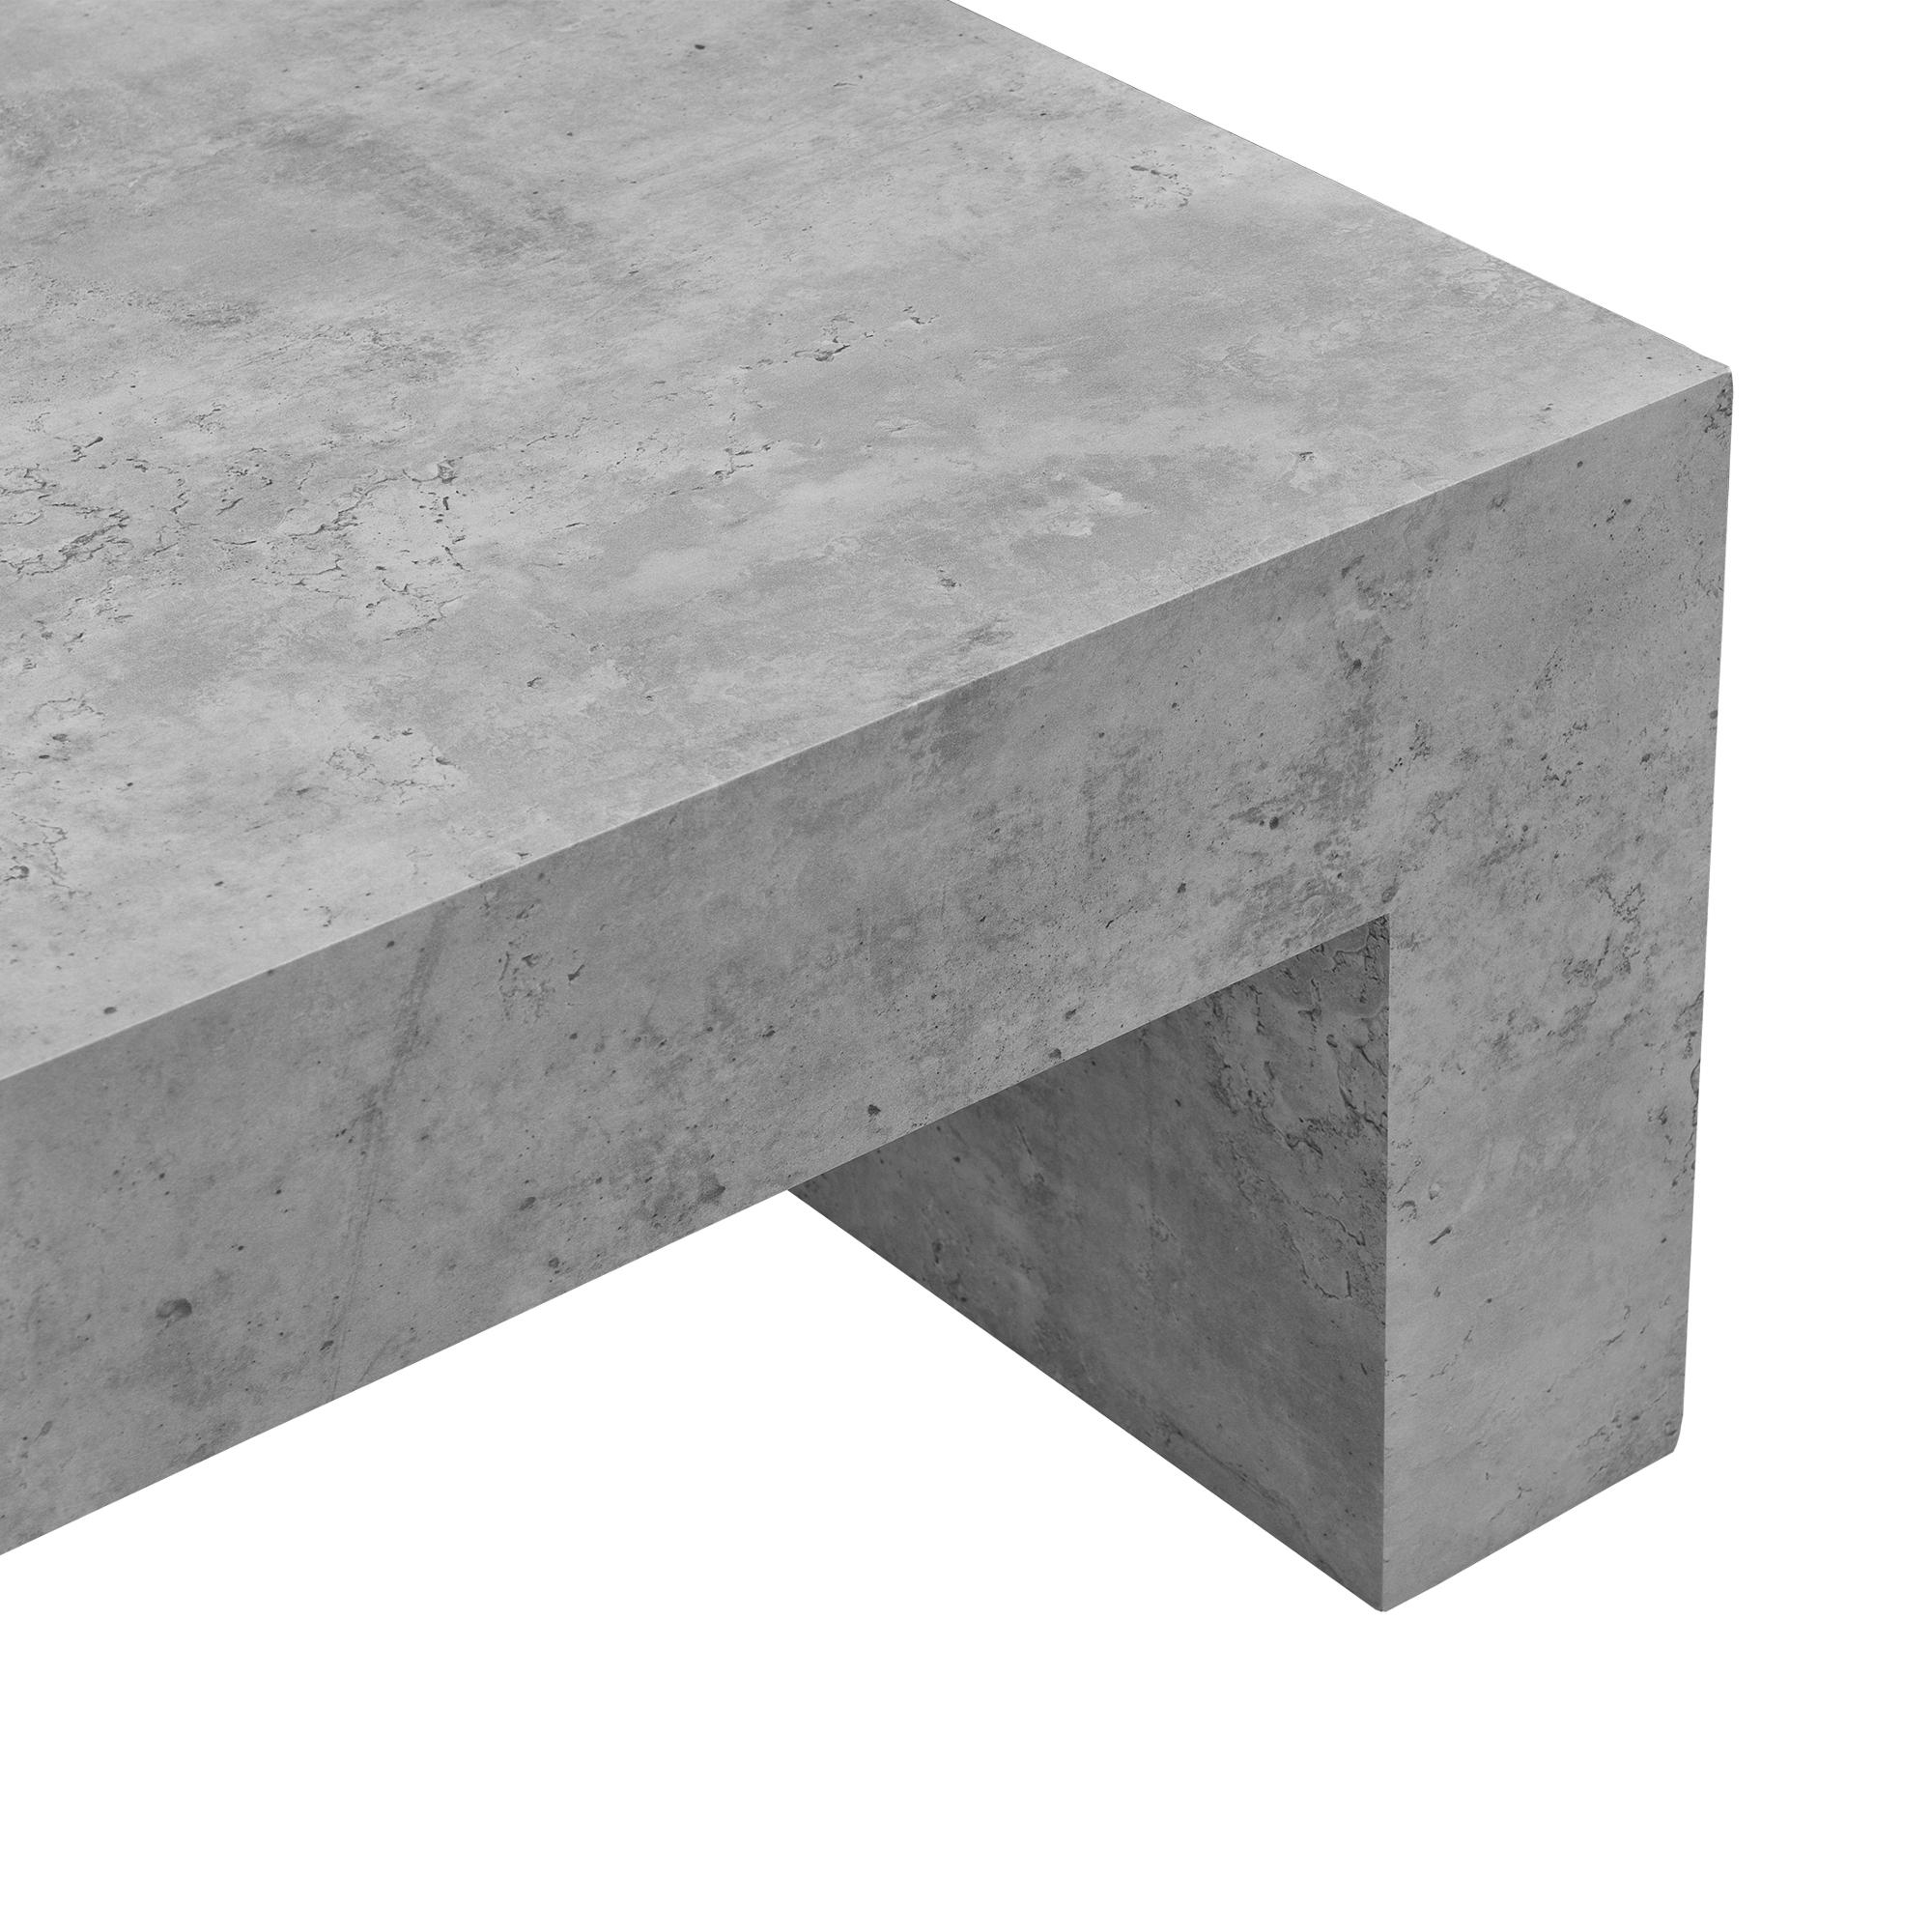 couchtisch beton grau 110x70cm wohnzimmertisch